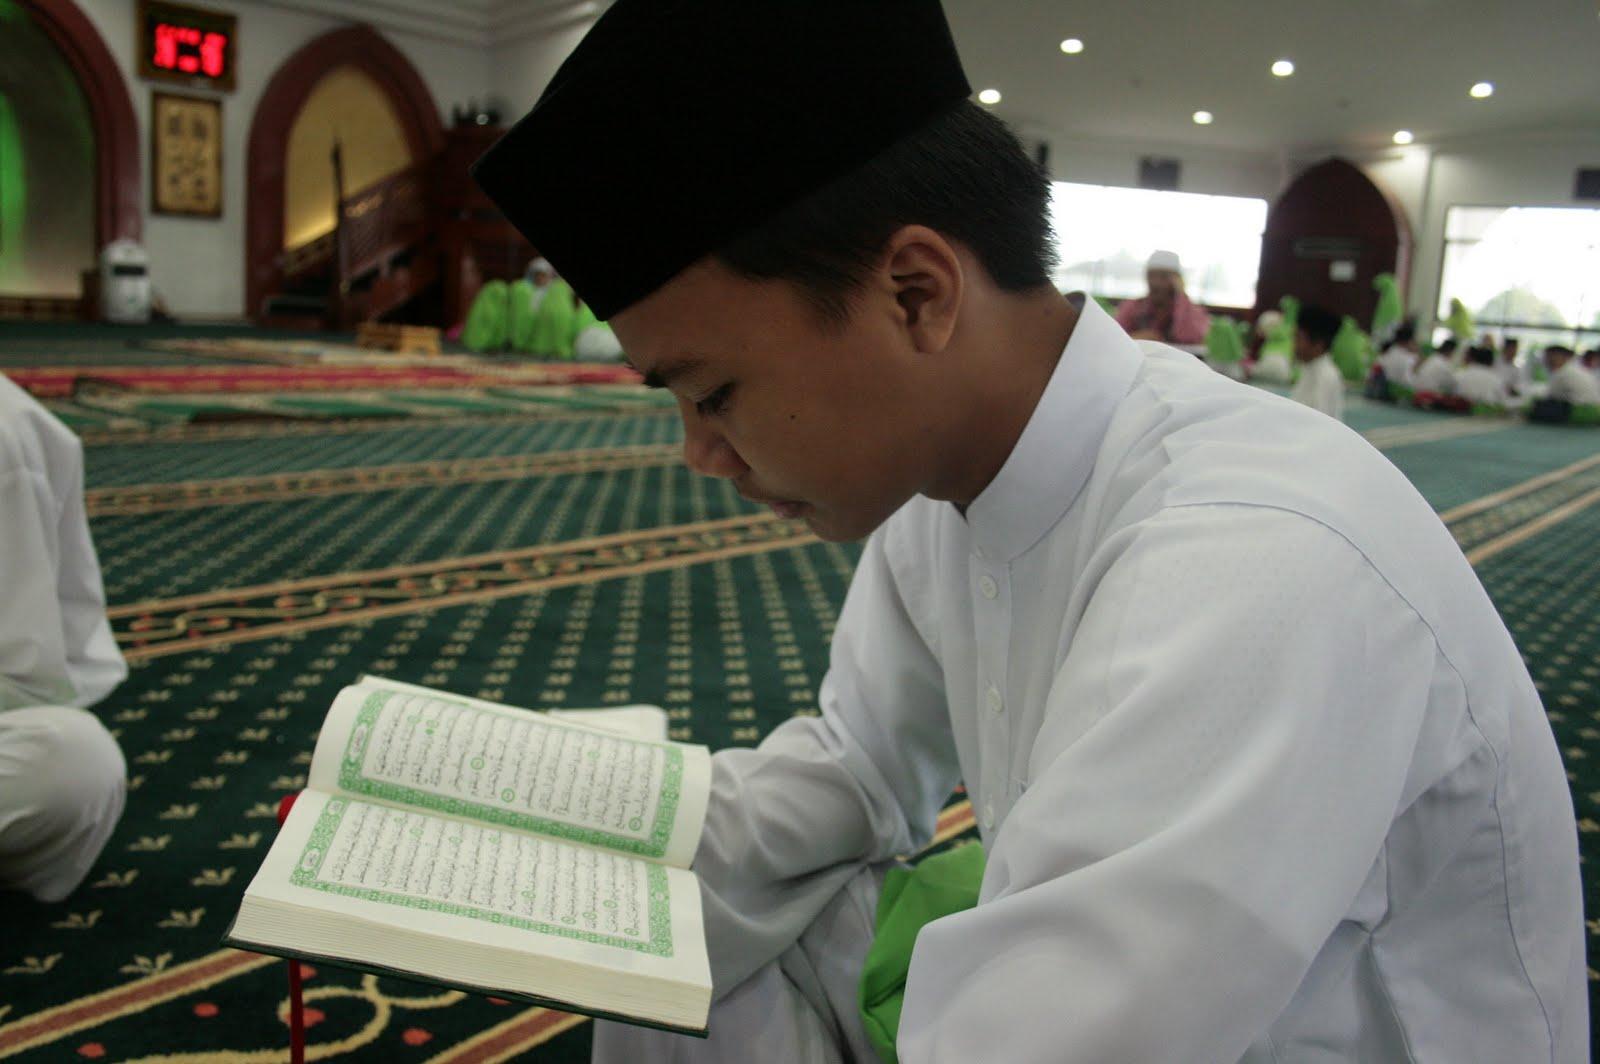 Hasil gambar untuk gambar orang membaca al qur'an